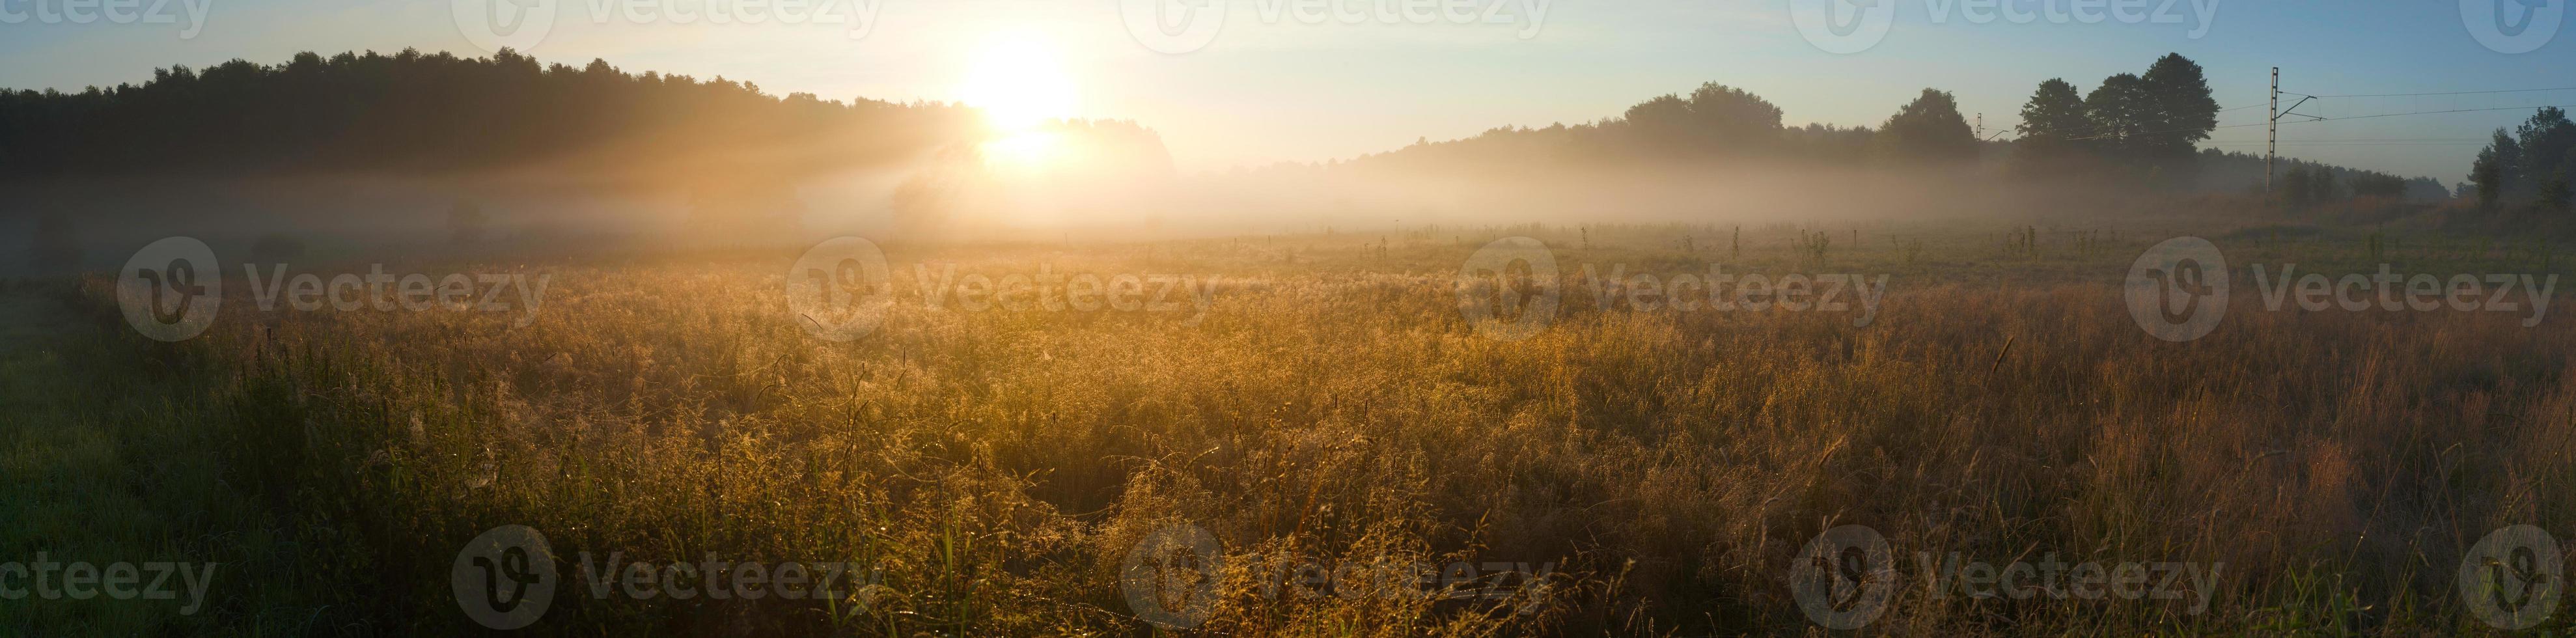 Sonnenaufgang über dem nebligen Feld foto